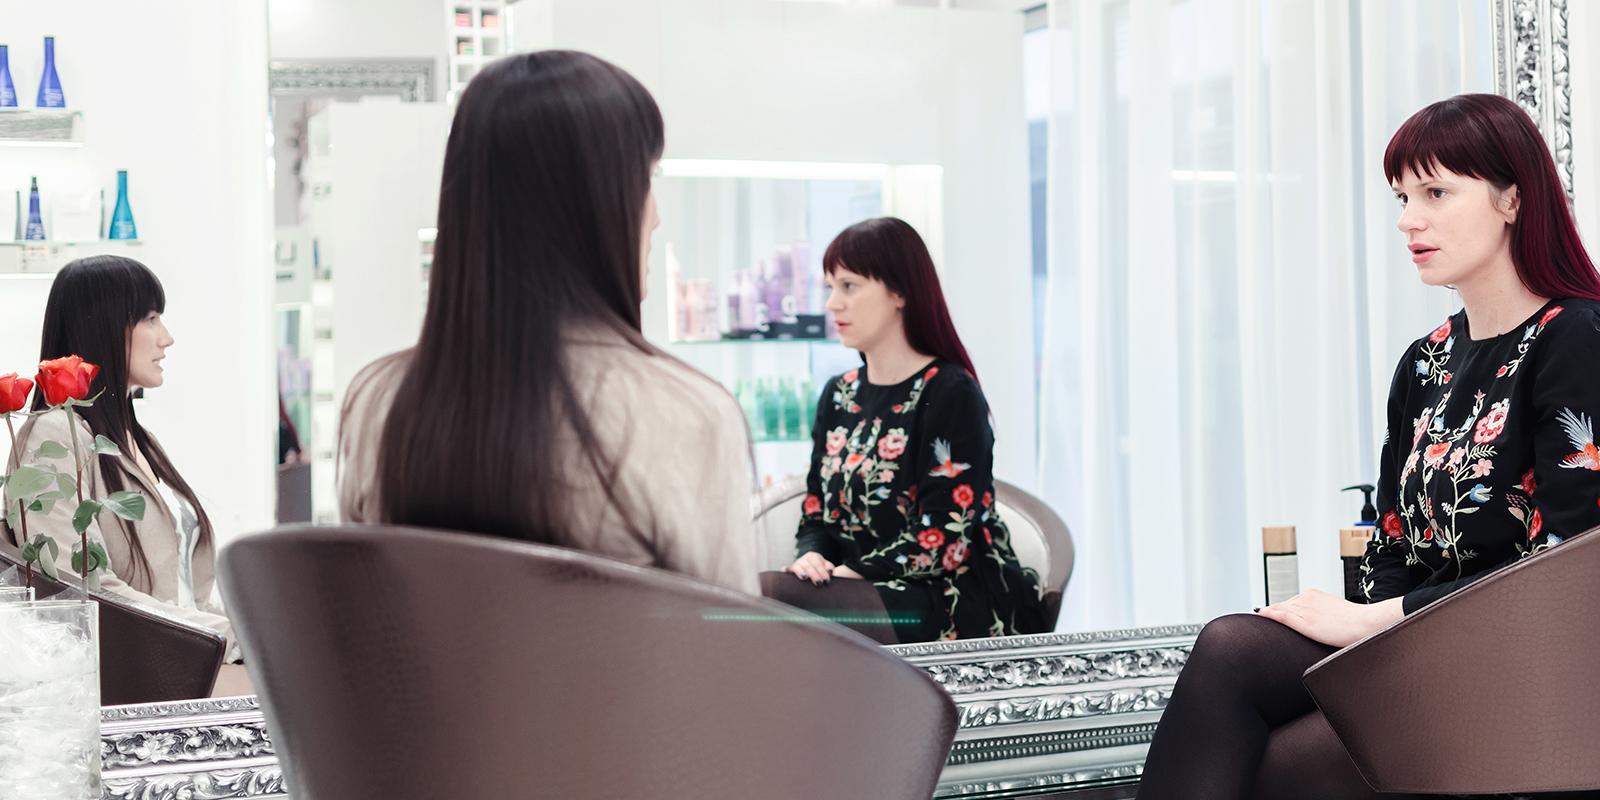 asesoramiento-profesional-consultoría-y-desarrollo-de-negocio-de-peluquerías-en-Madrid-Avenida-América-168